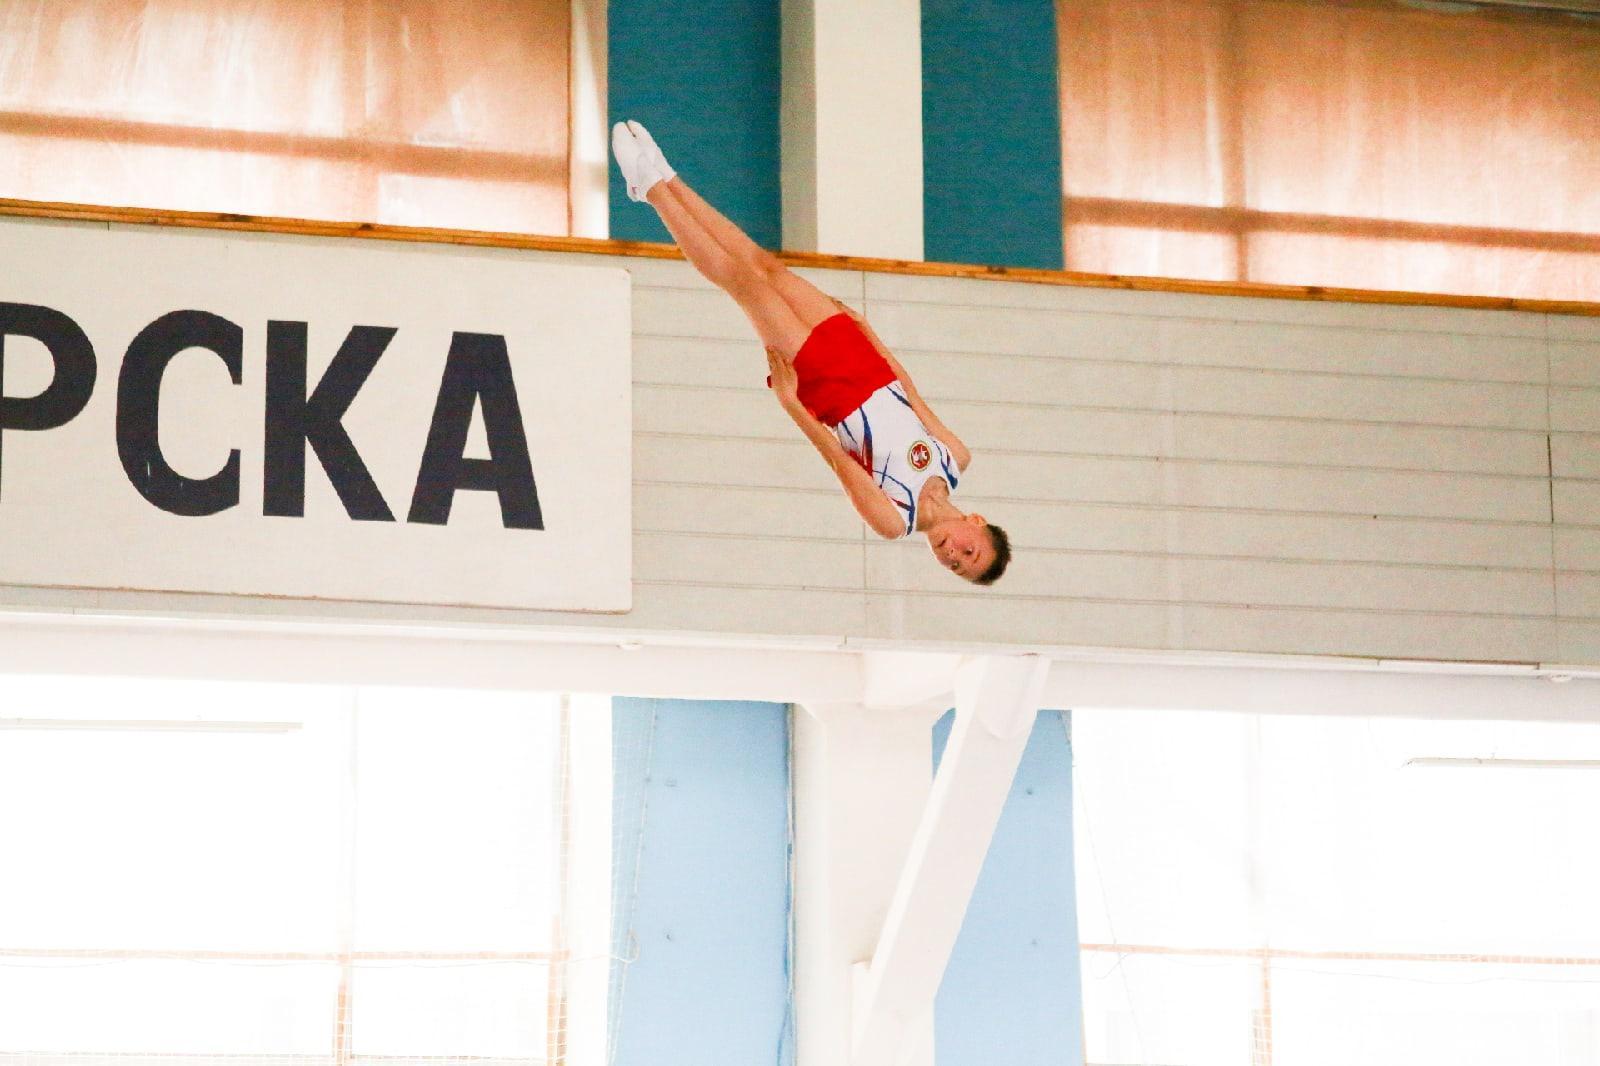 фото Всероссийские соревнования по прыжкам на батуте проходят в Новосибирске 12